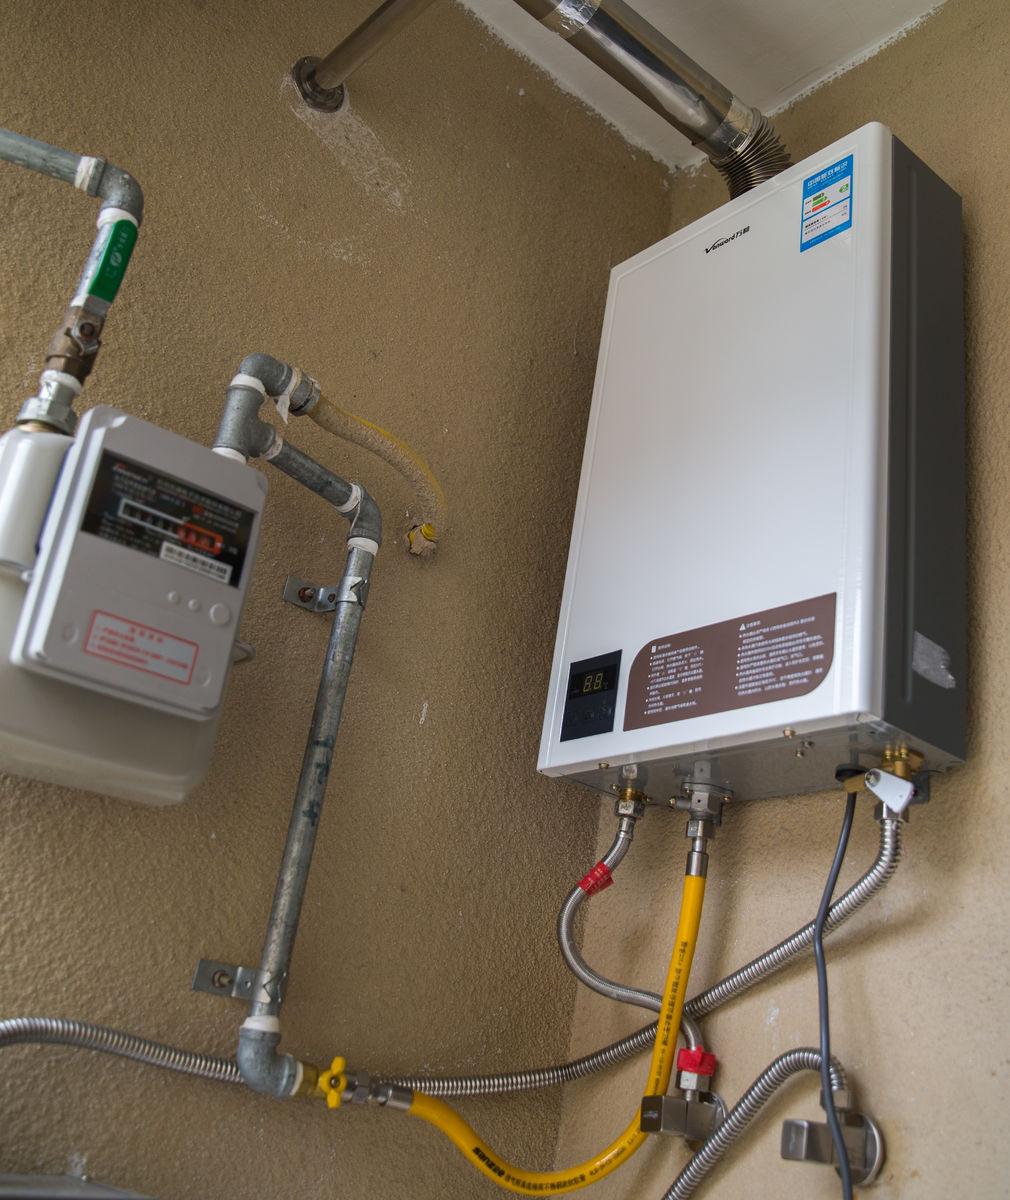 输气管道,燃气管道,燃气设施,楼道煤气表,天然气流量表,天然气热水器图片